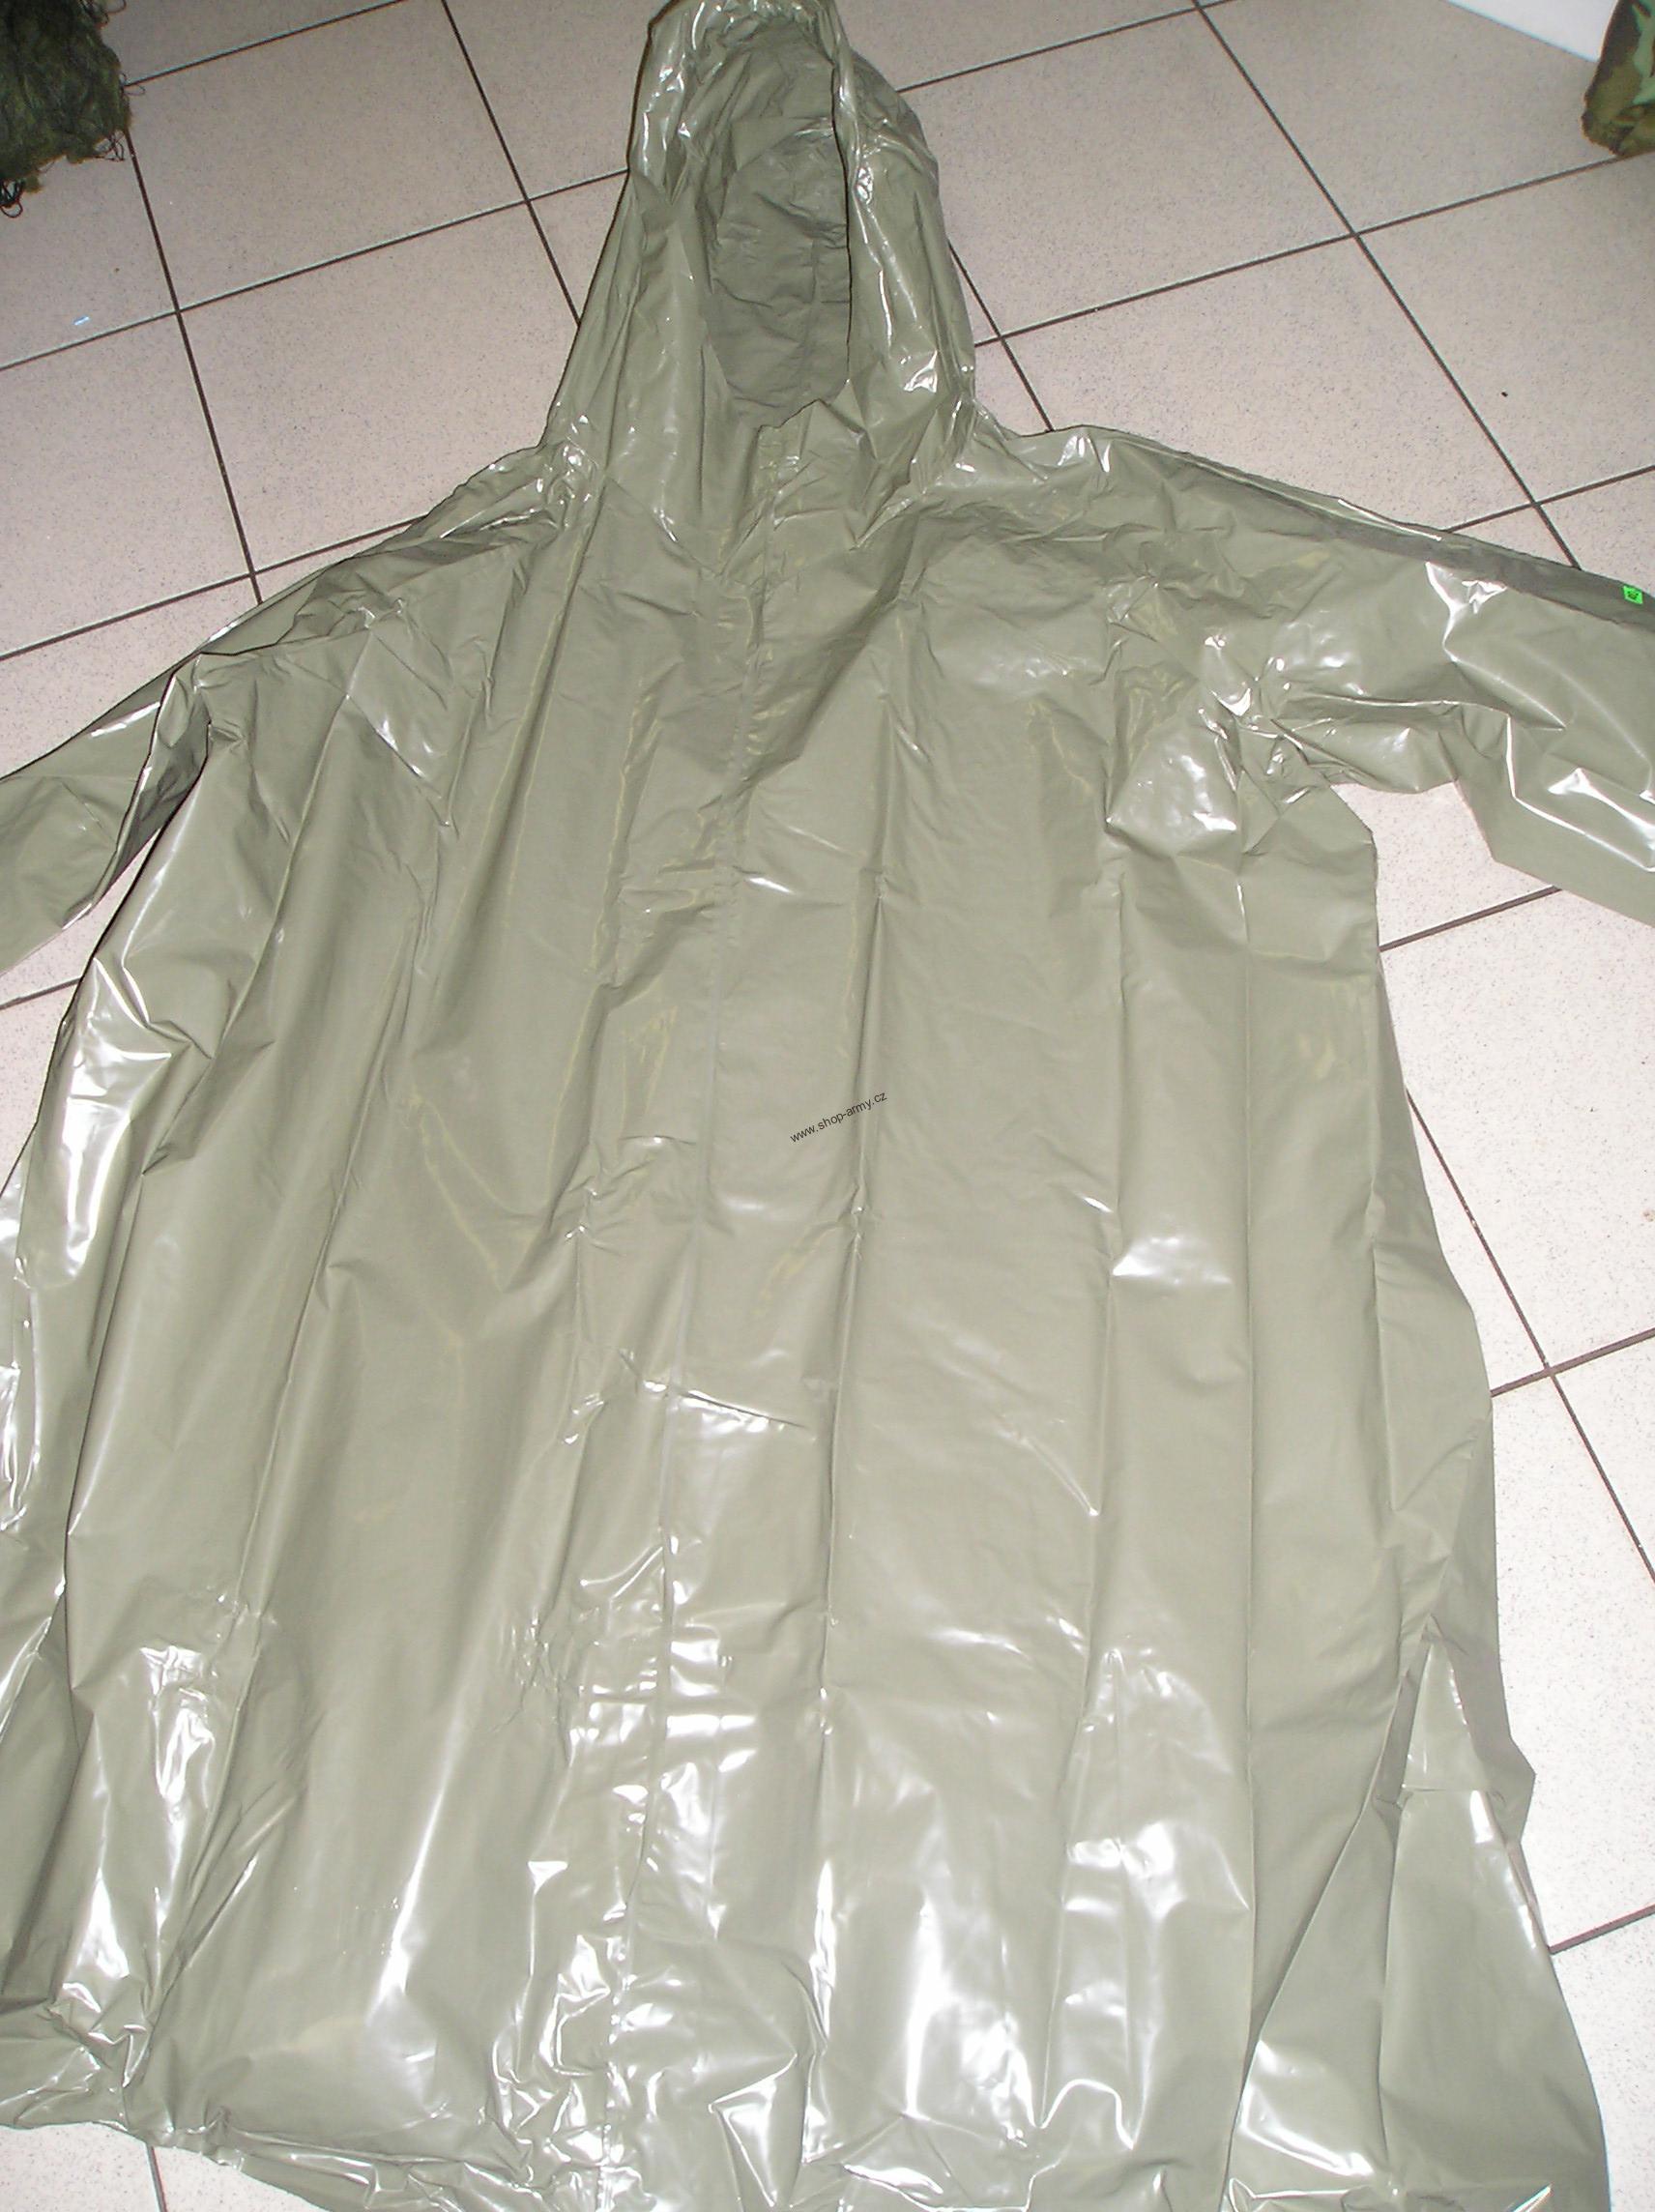 Vojenská pláštěnka, nepoužitá, dlouhodobě skladované zboží